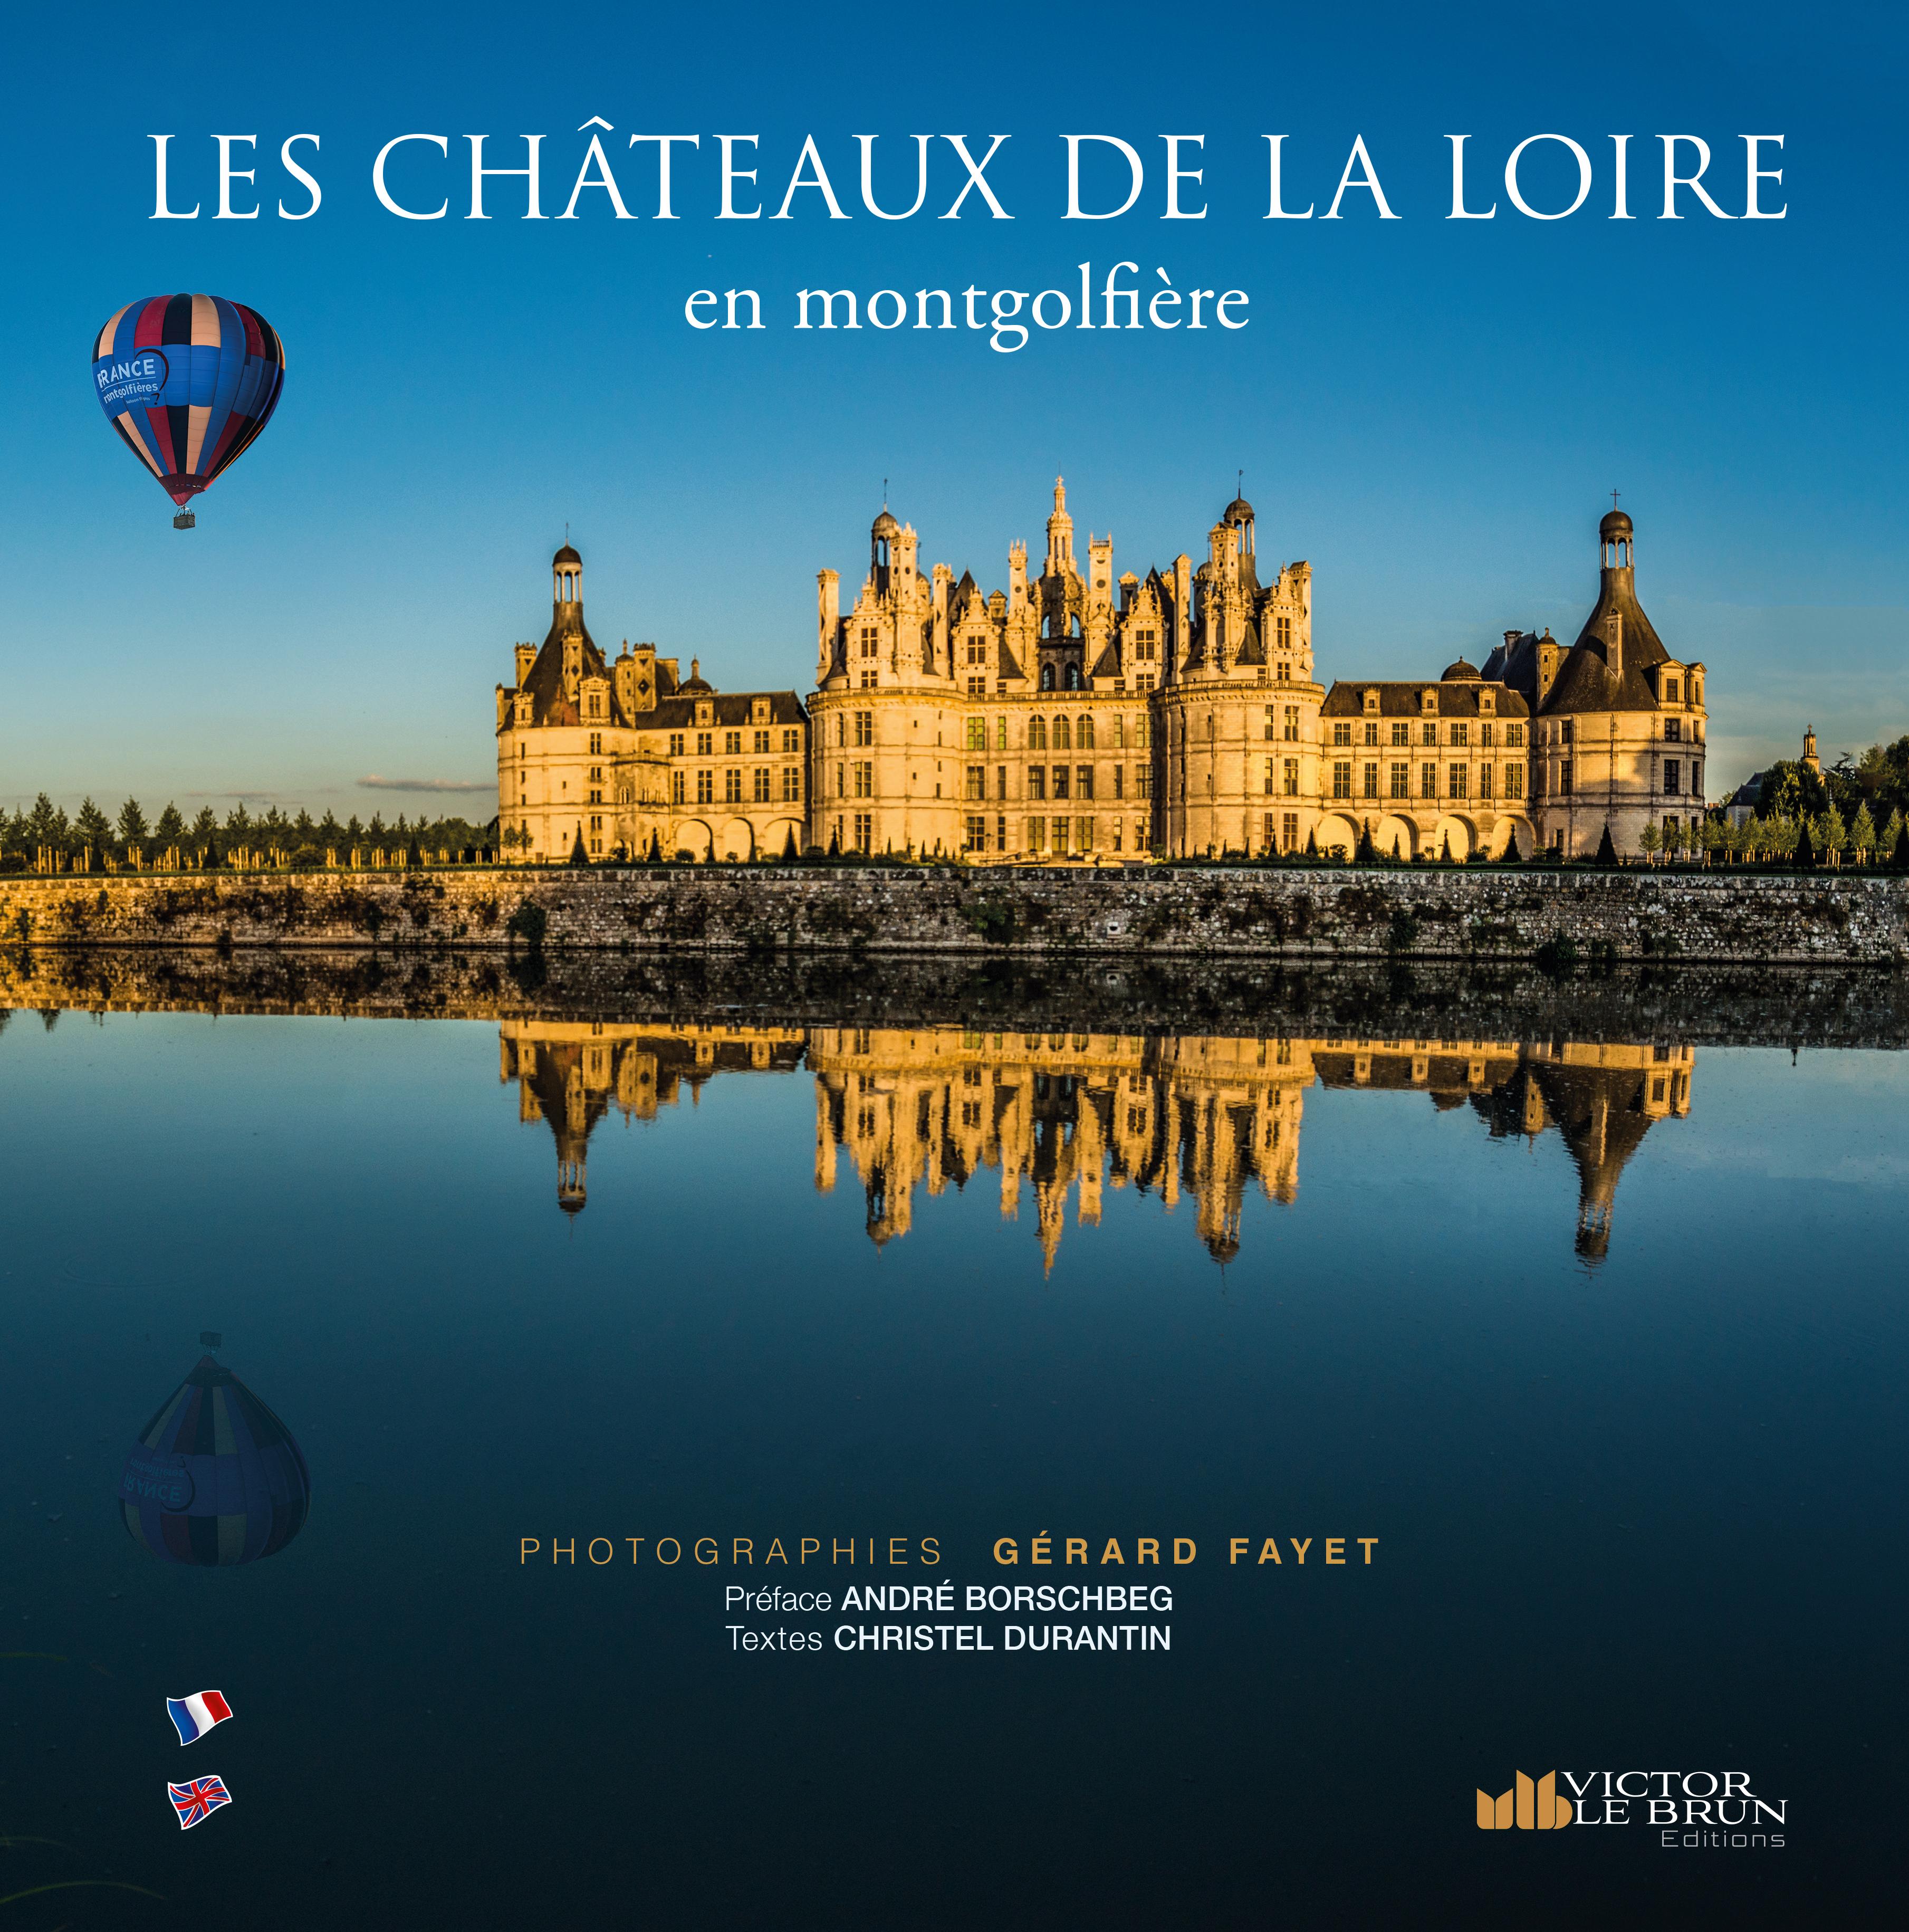 CHATEAUX DE LA LOIRE, VUS D'UNE MONTGOLFIERE